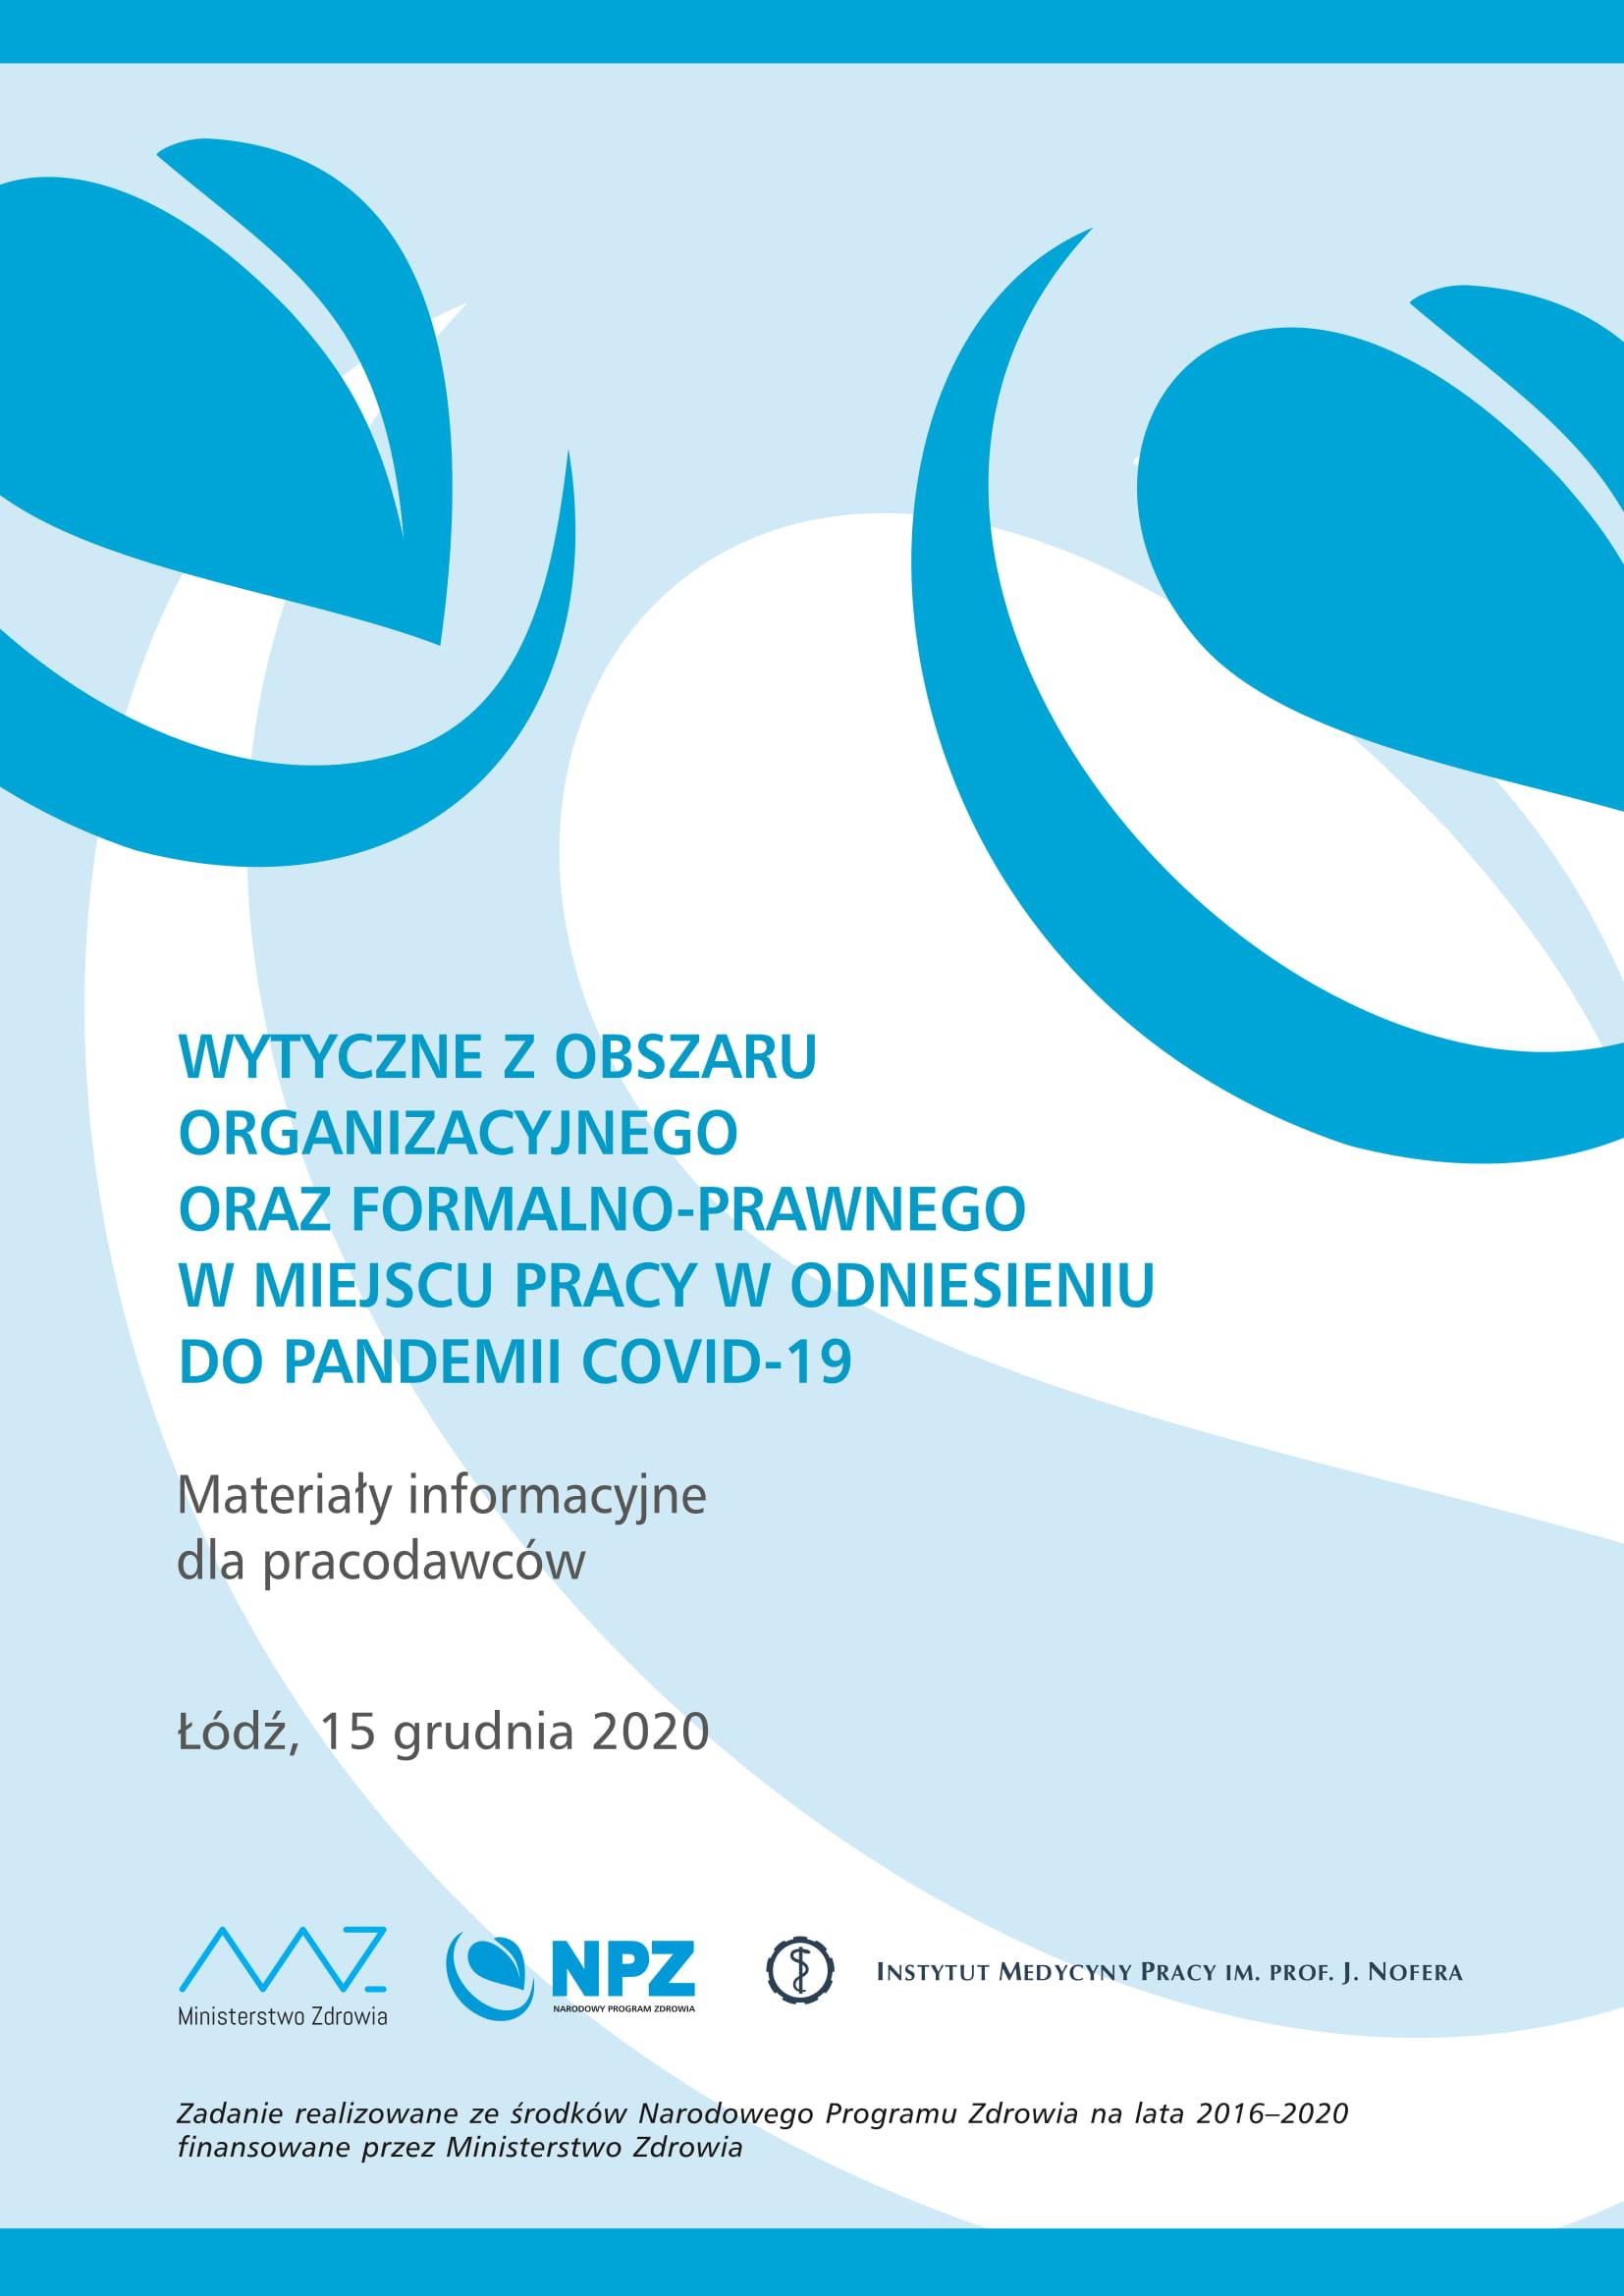 , Wytyczne zobszaru organizacyjnego orazformalno-prawnego wmiejscu pracy wodniesieniu dopandemii COVID-19